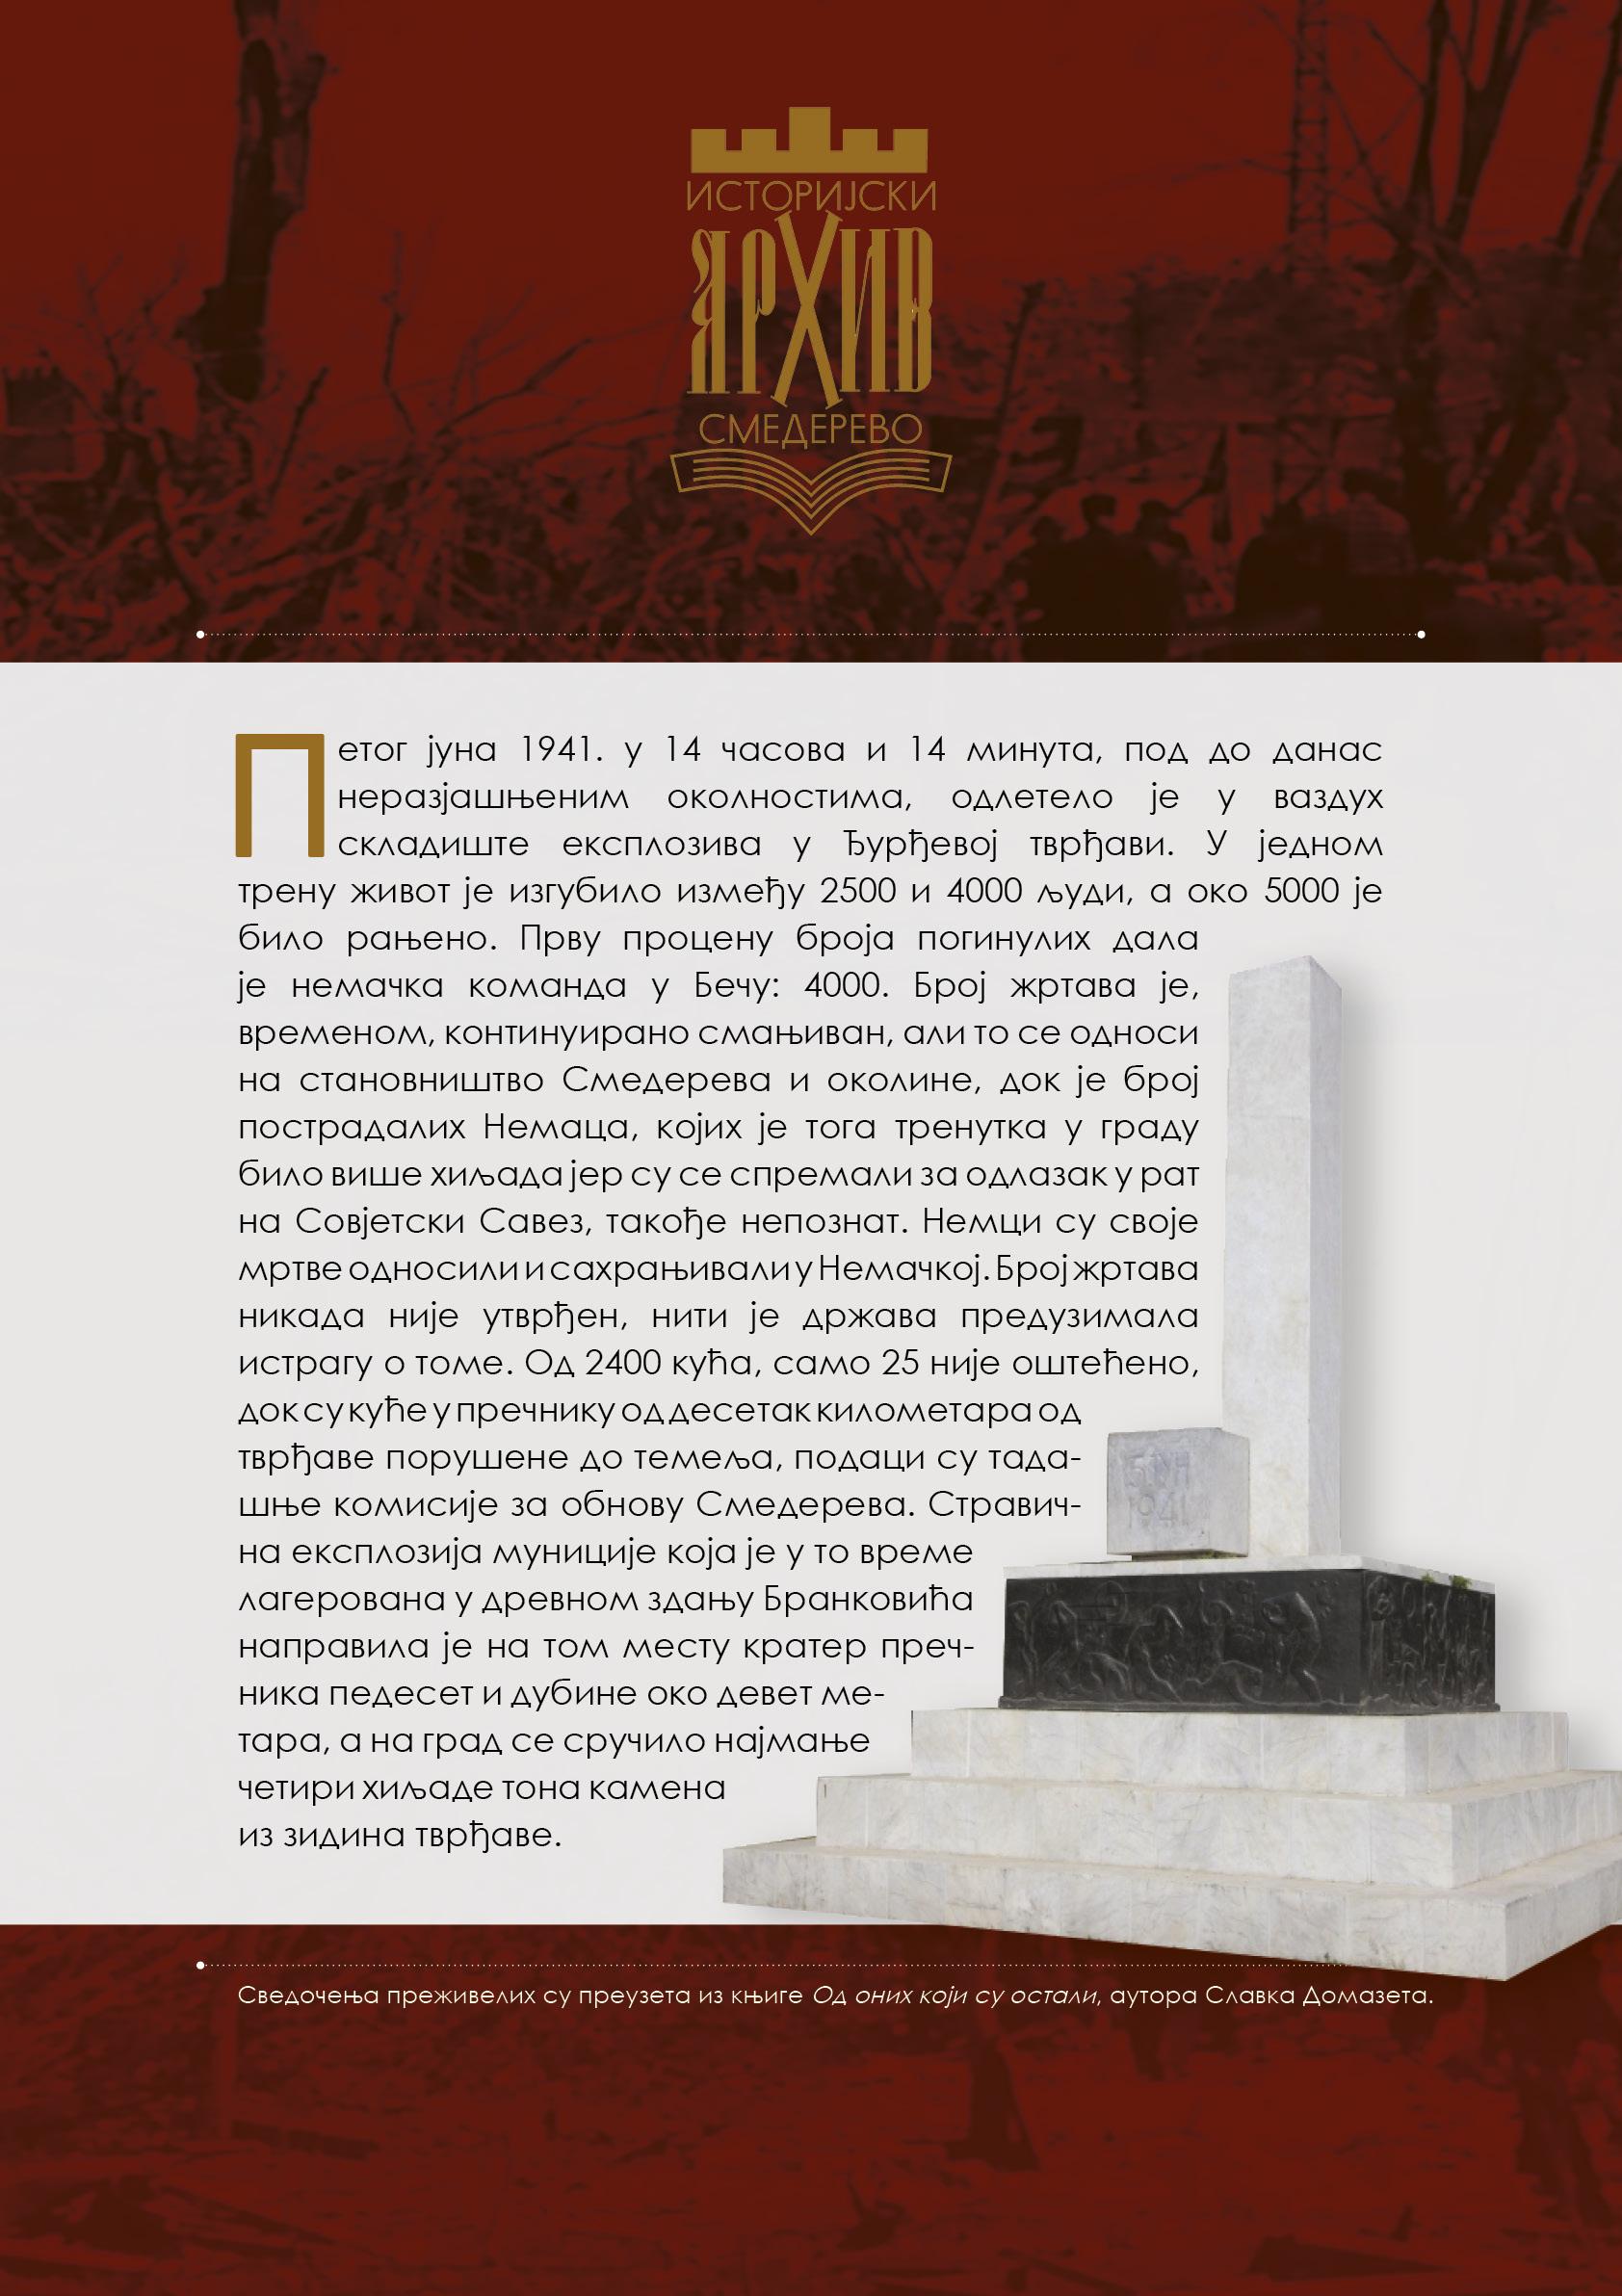 Обележавање годишњице Петојунске трагедије у Смедереву 1941.